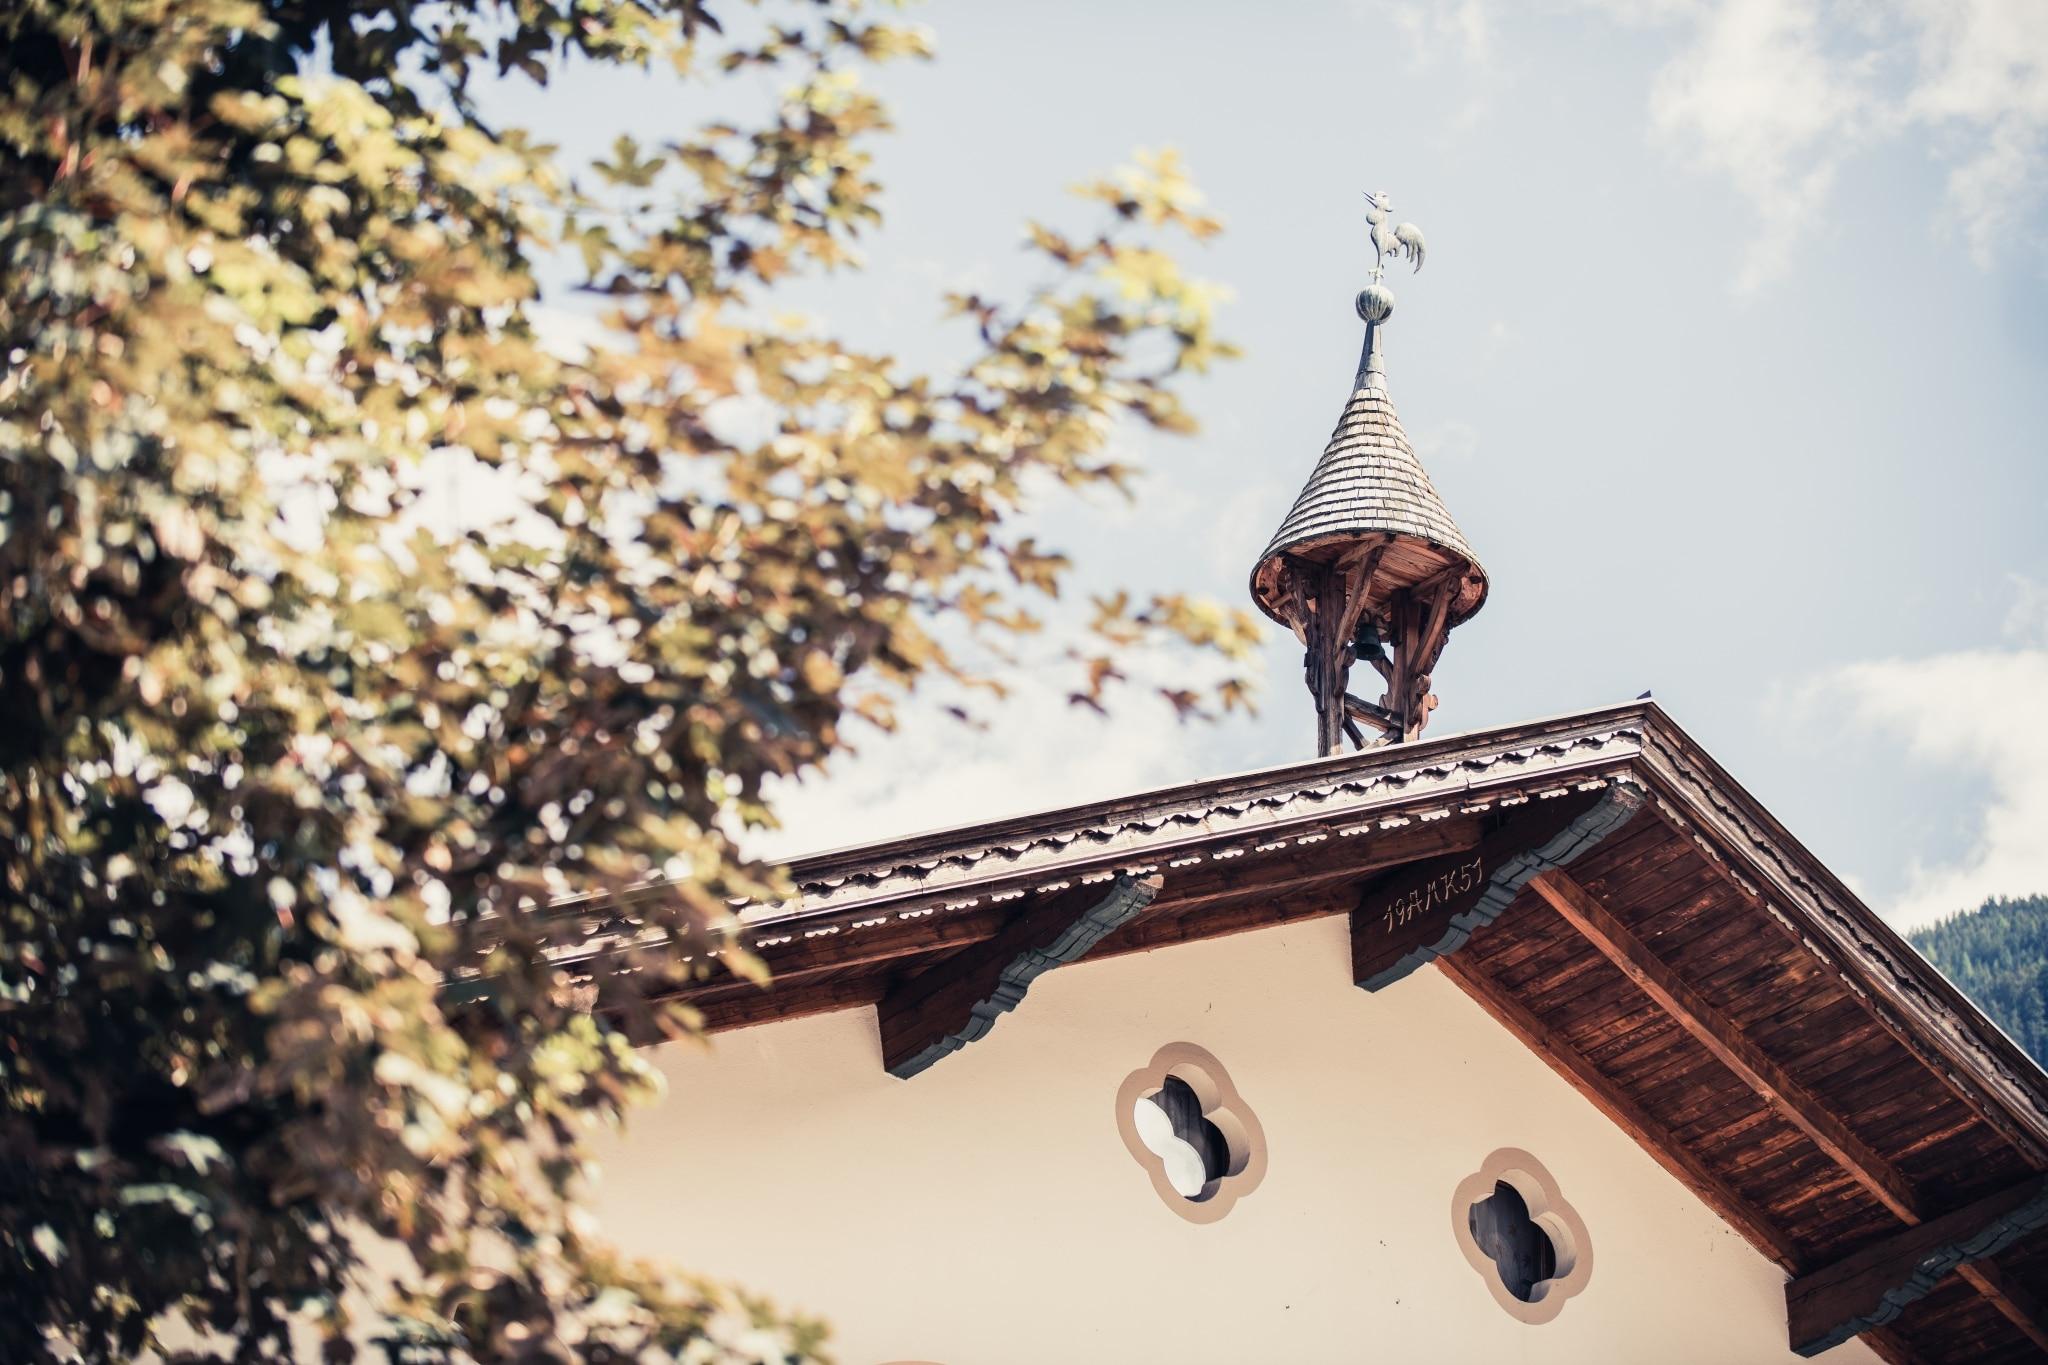 Kramerwirt in Mayrhofen